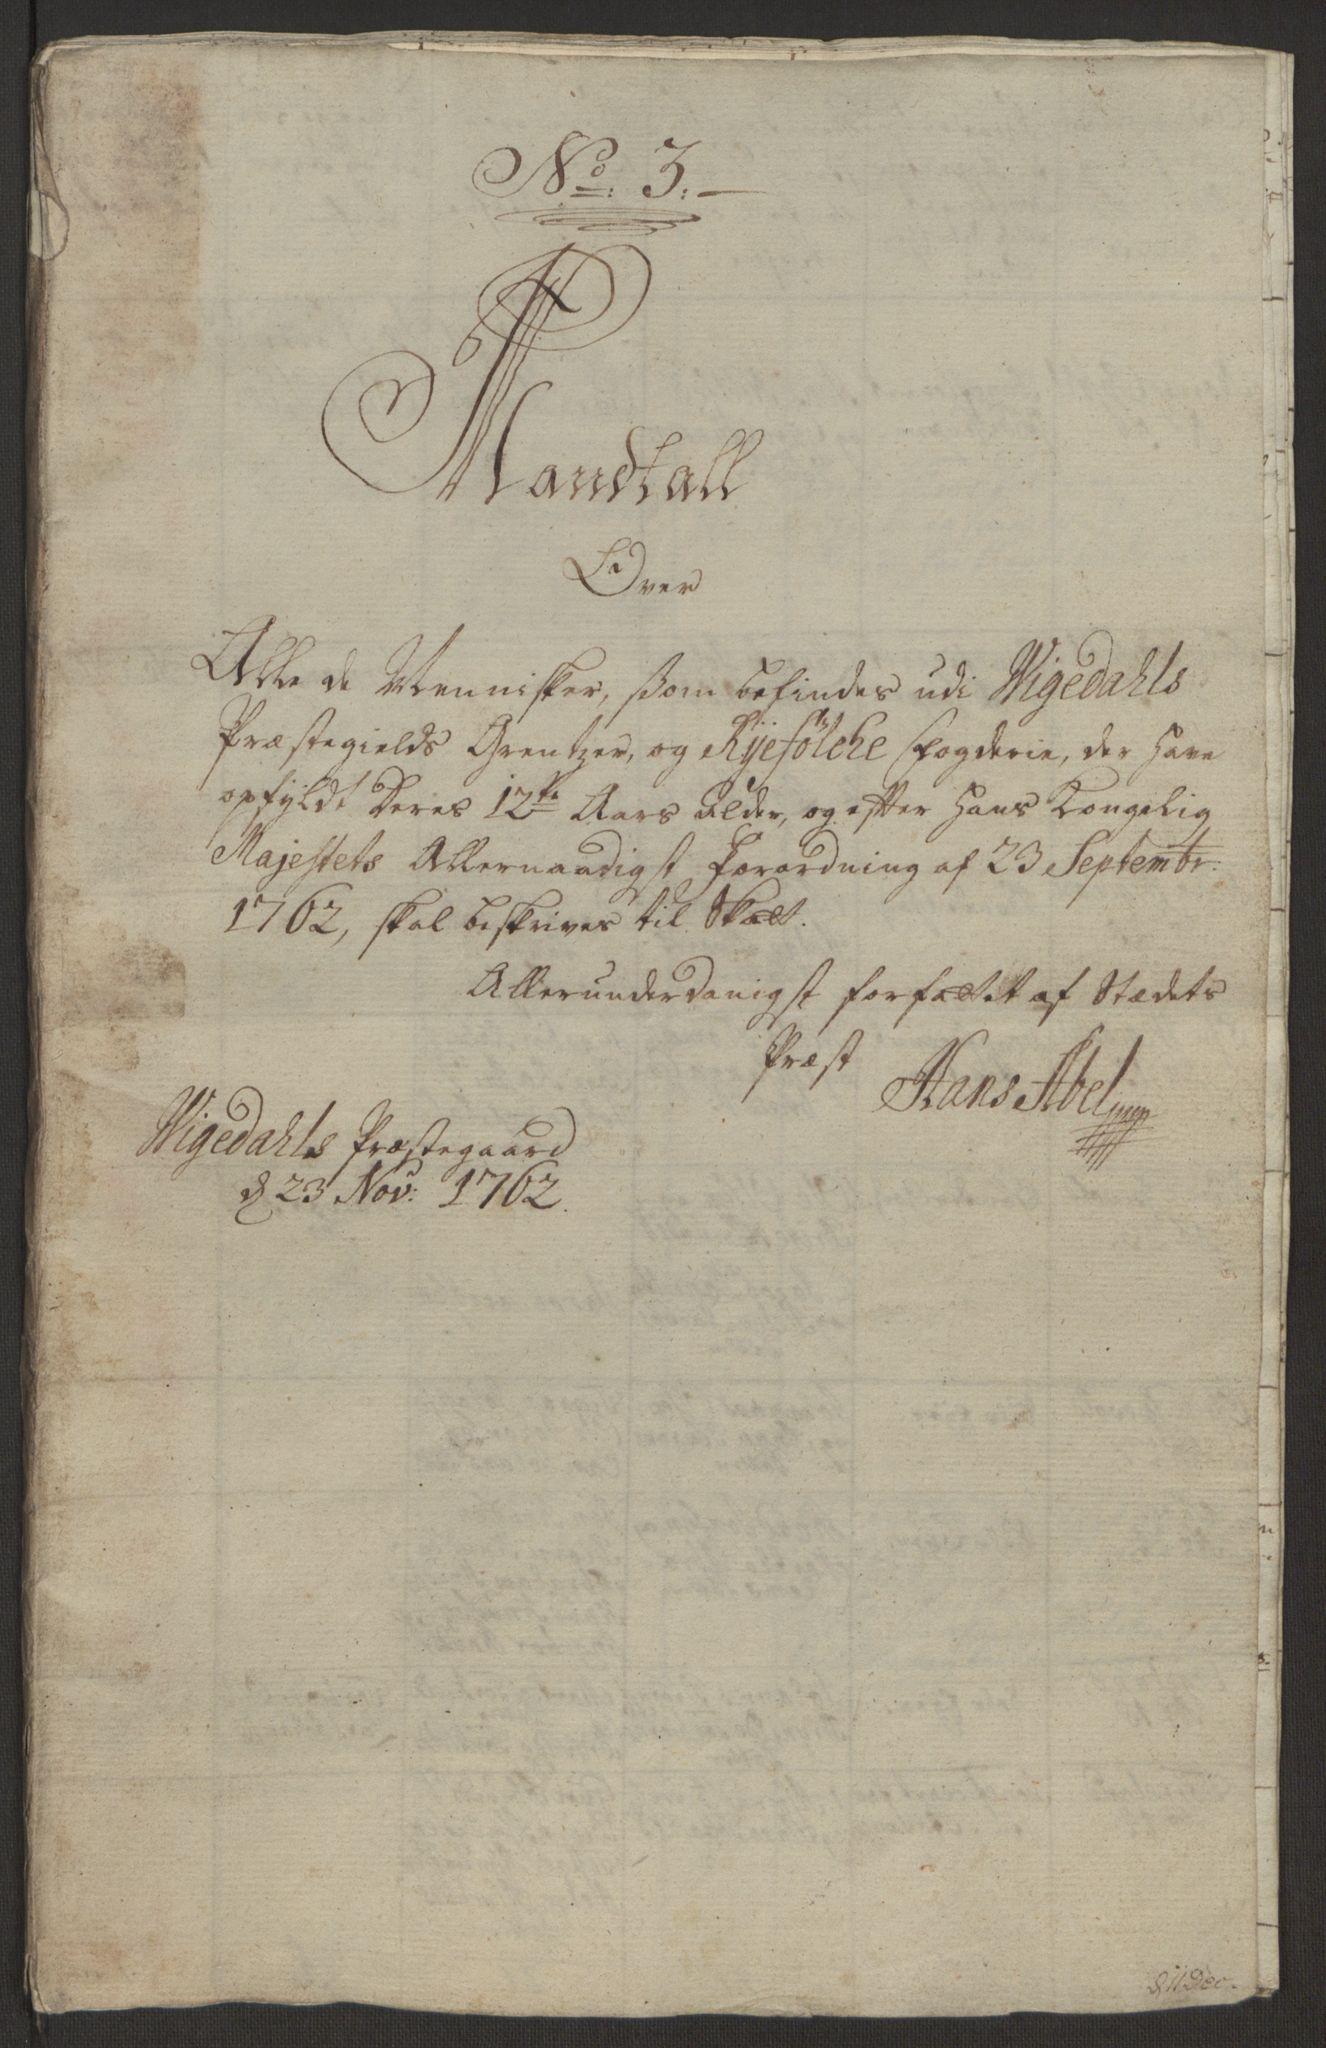 RA, Rentekammeret inntil 1814, Reviderte regnskaper, Hovedkasseregnskaper, Rf/L0072b: Ekstraskatteregnskap, 1762, s. 176